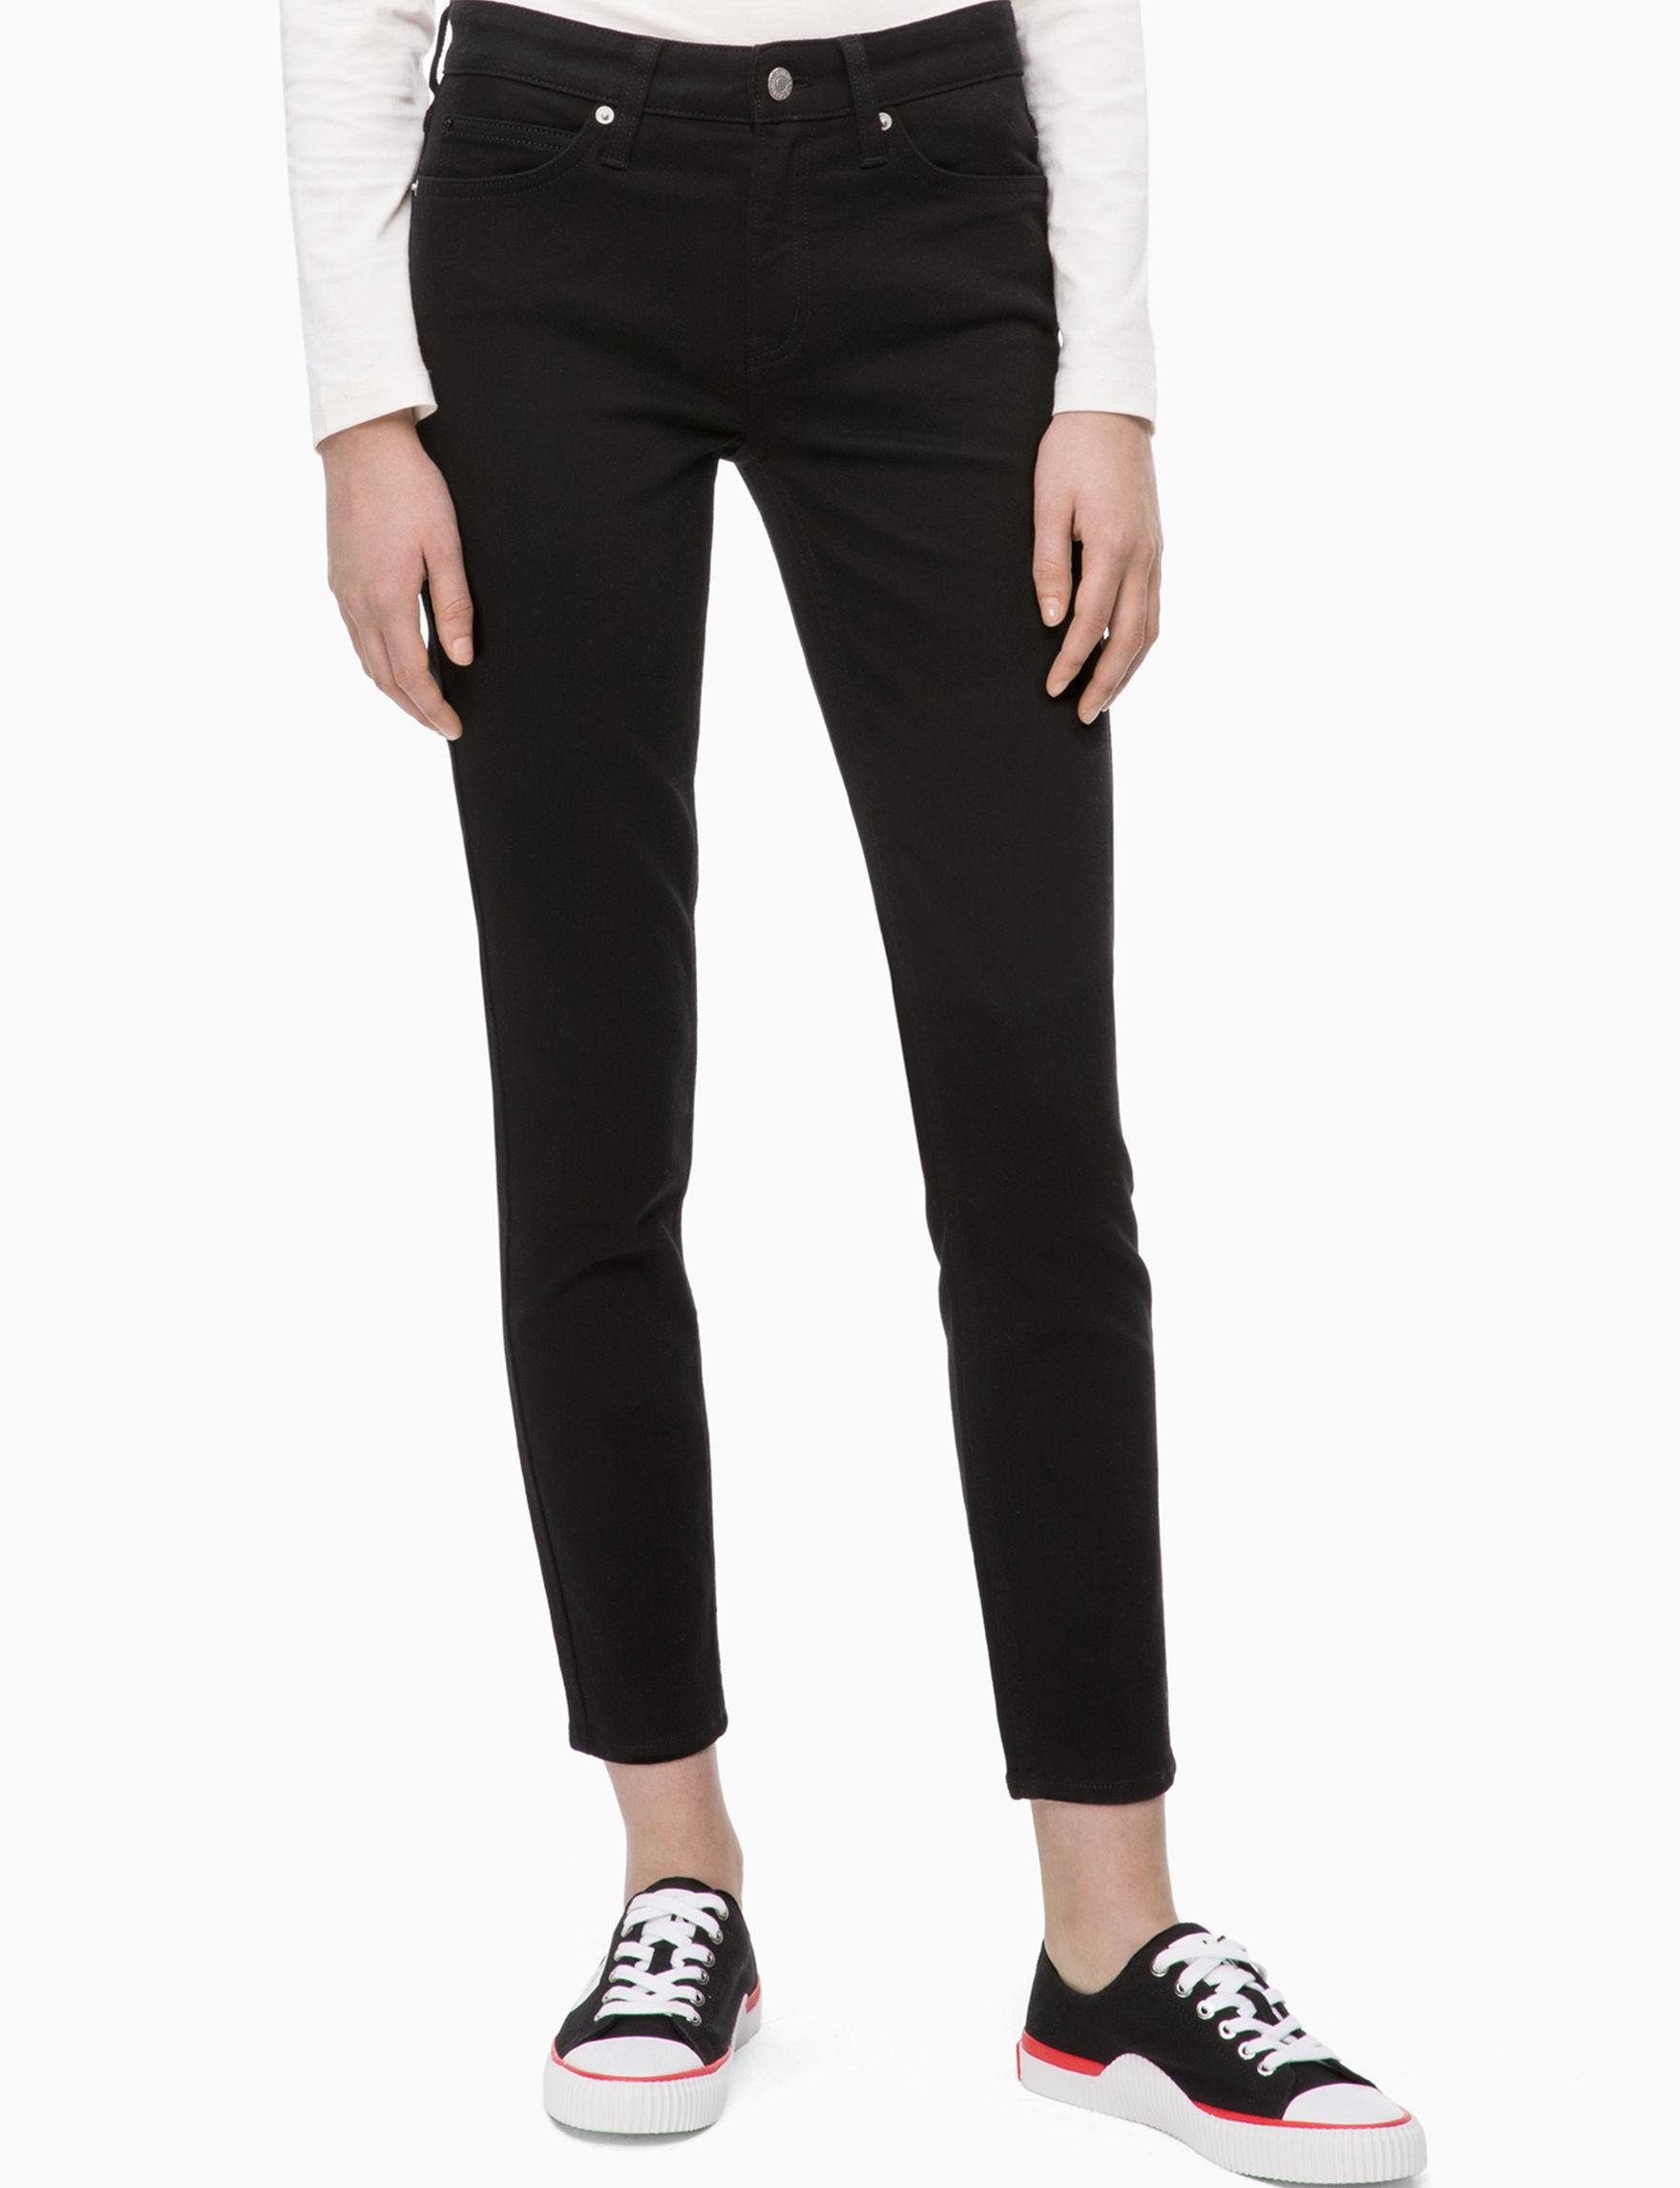 Calvin Klein Jeans Black Skinny